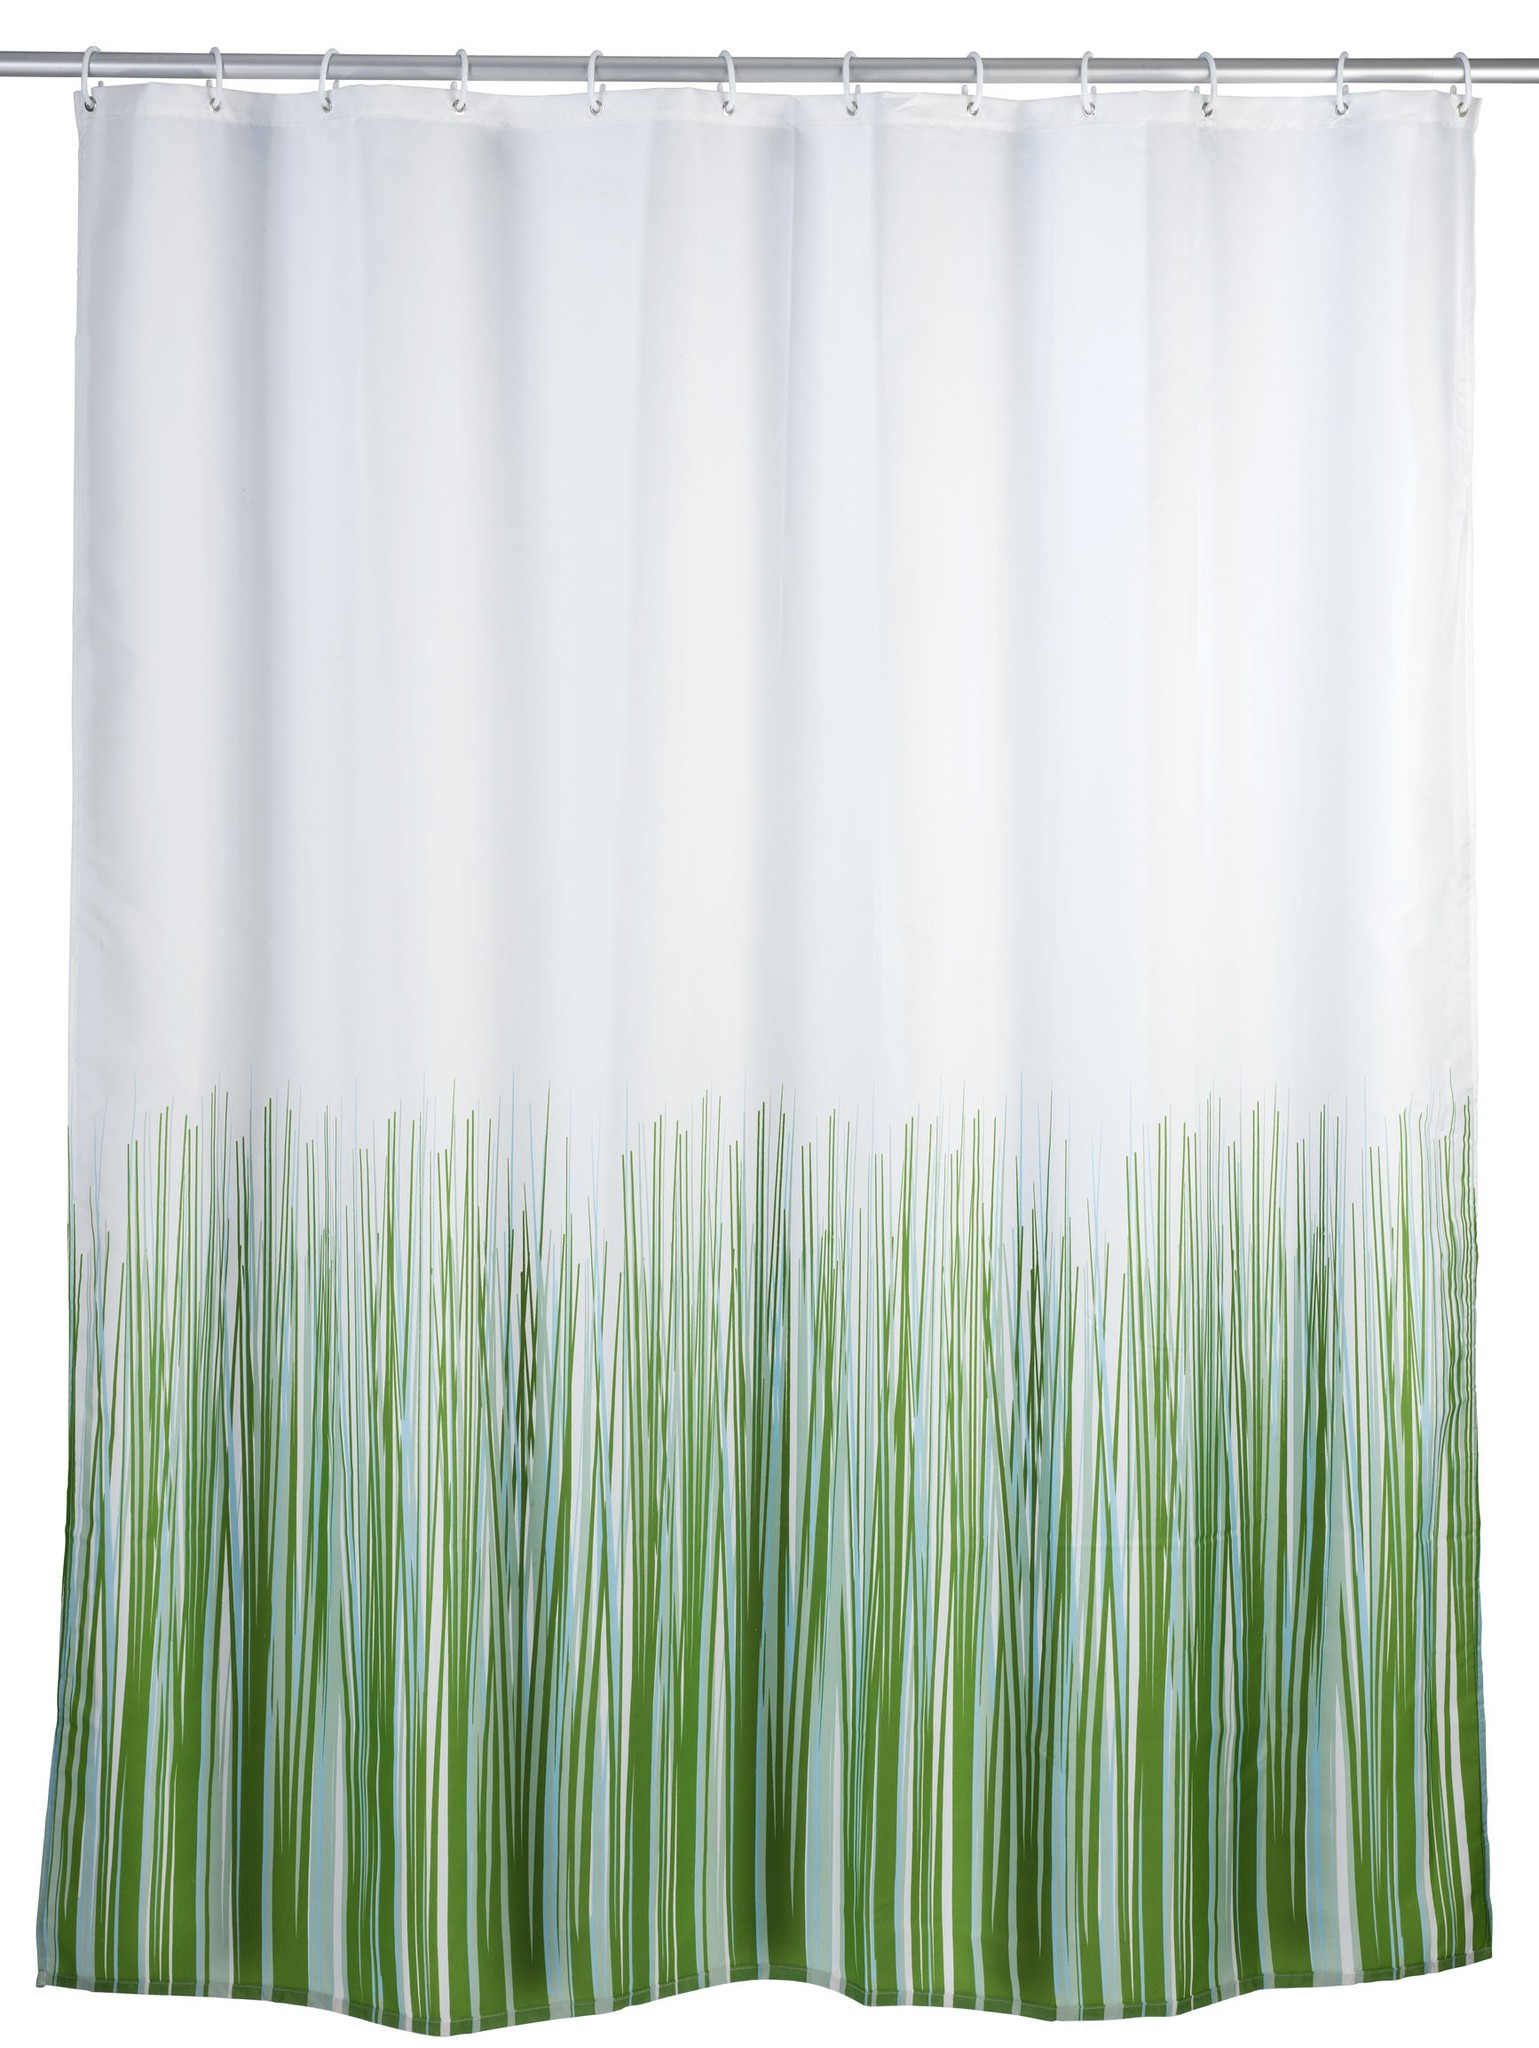 Wenko Anti-Schimmel Duschvorhang Nature, 180 x 200 cm, waschbar